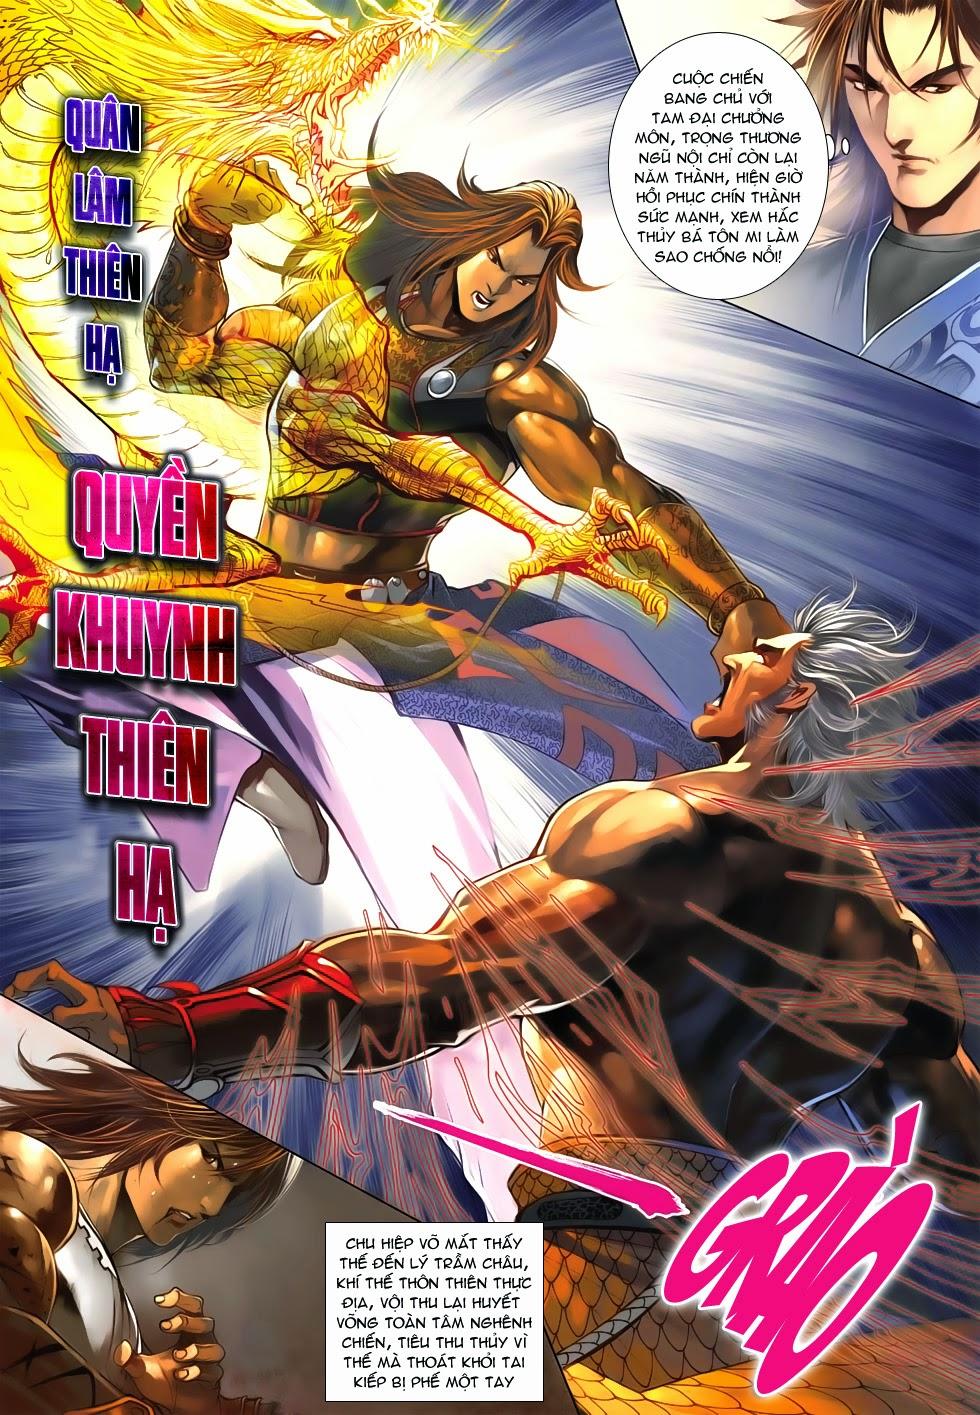 Thần Châu Kỳ Hiệp chap 32 – End Trang 28 - Mangak.info